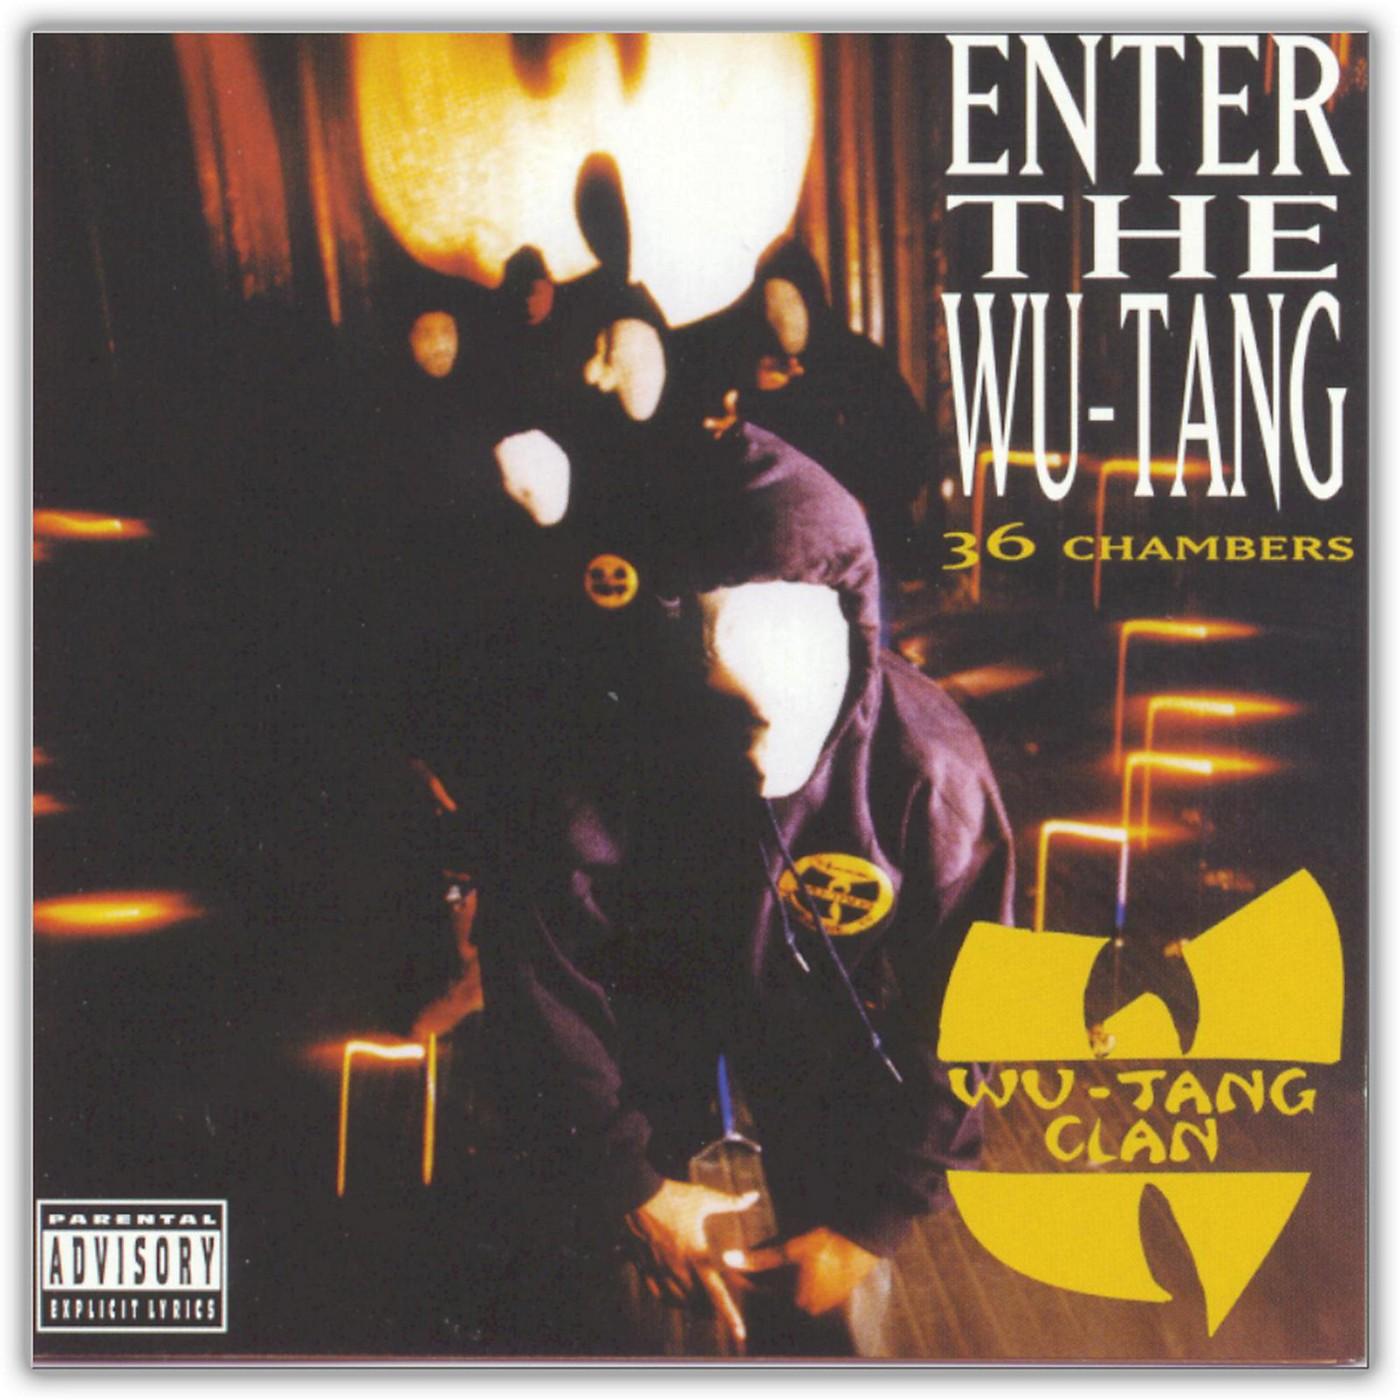 Sony Wu-Tang Clan - Enter the Wu-Tang Vinyl LP thumbnail